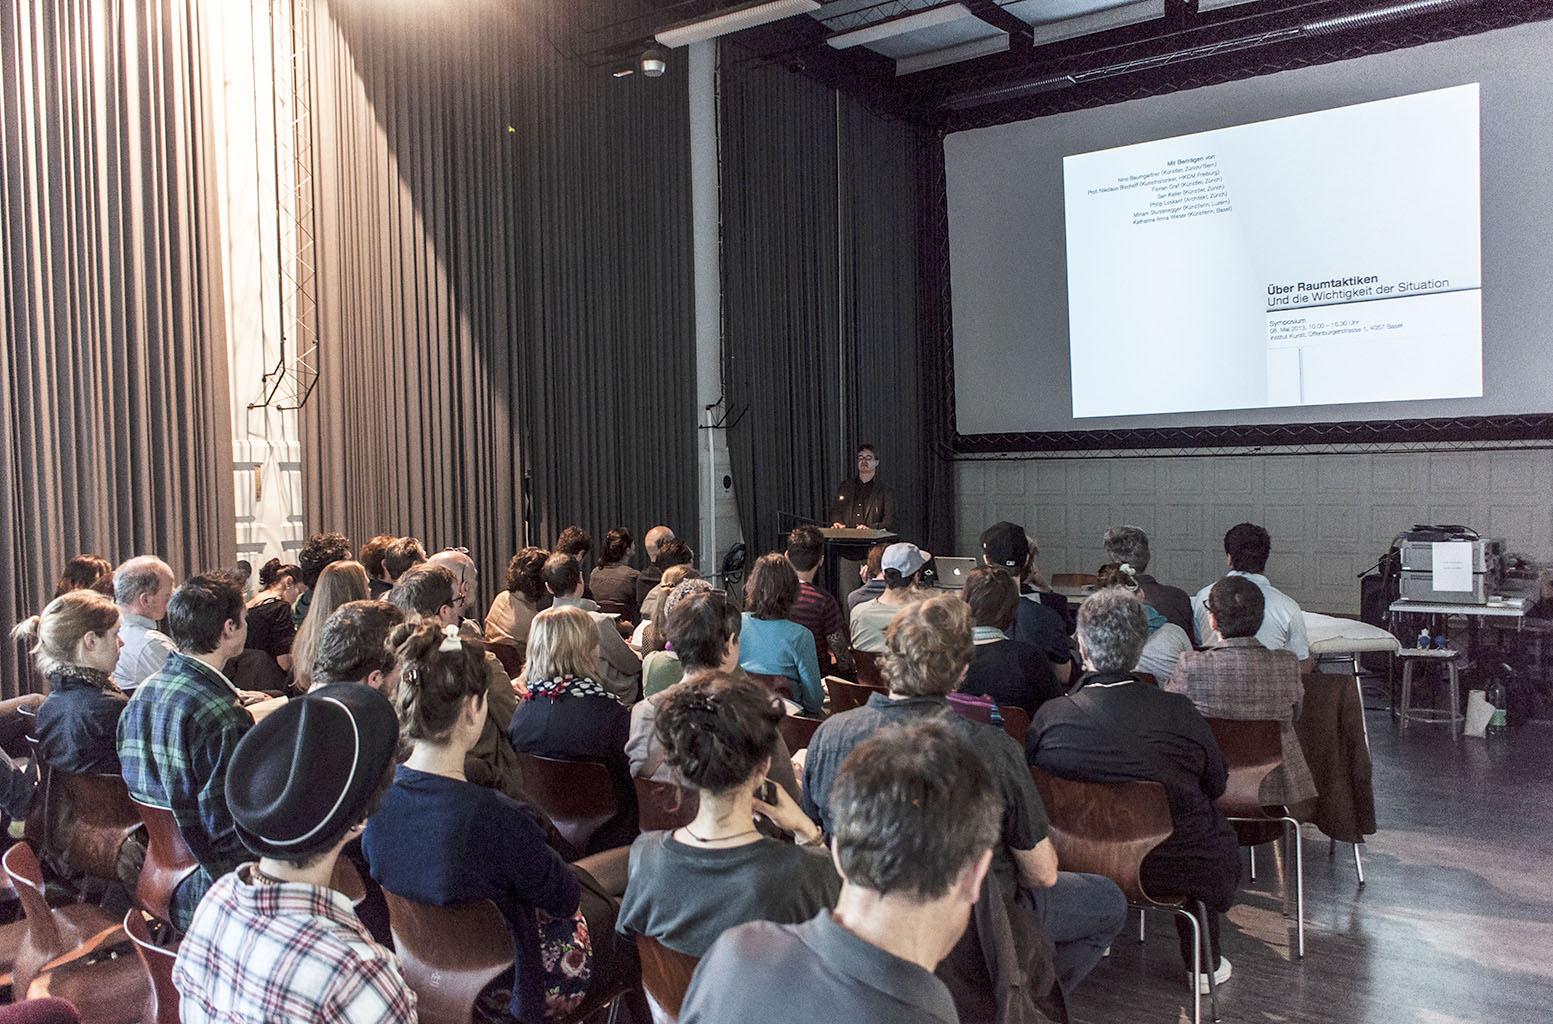 Symposium_Raumtaktiken1